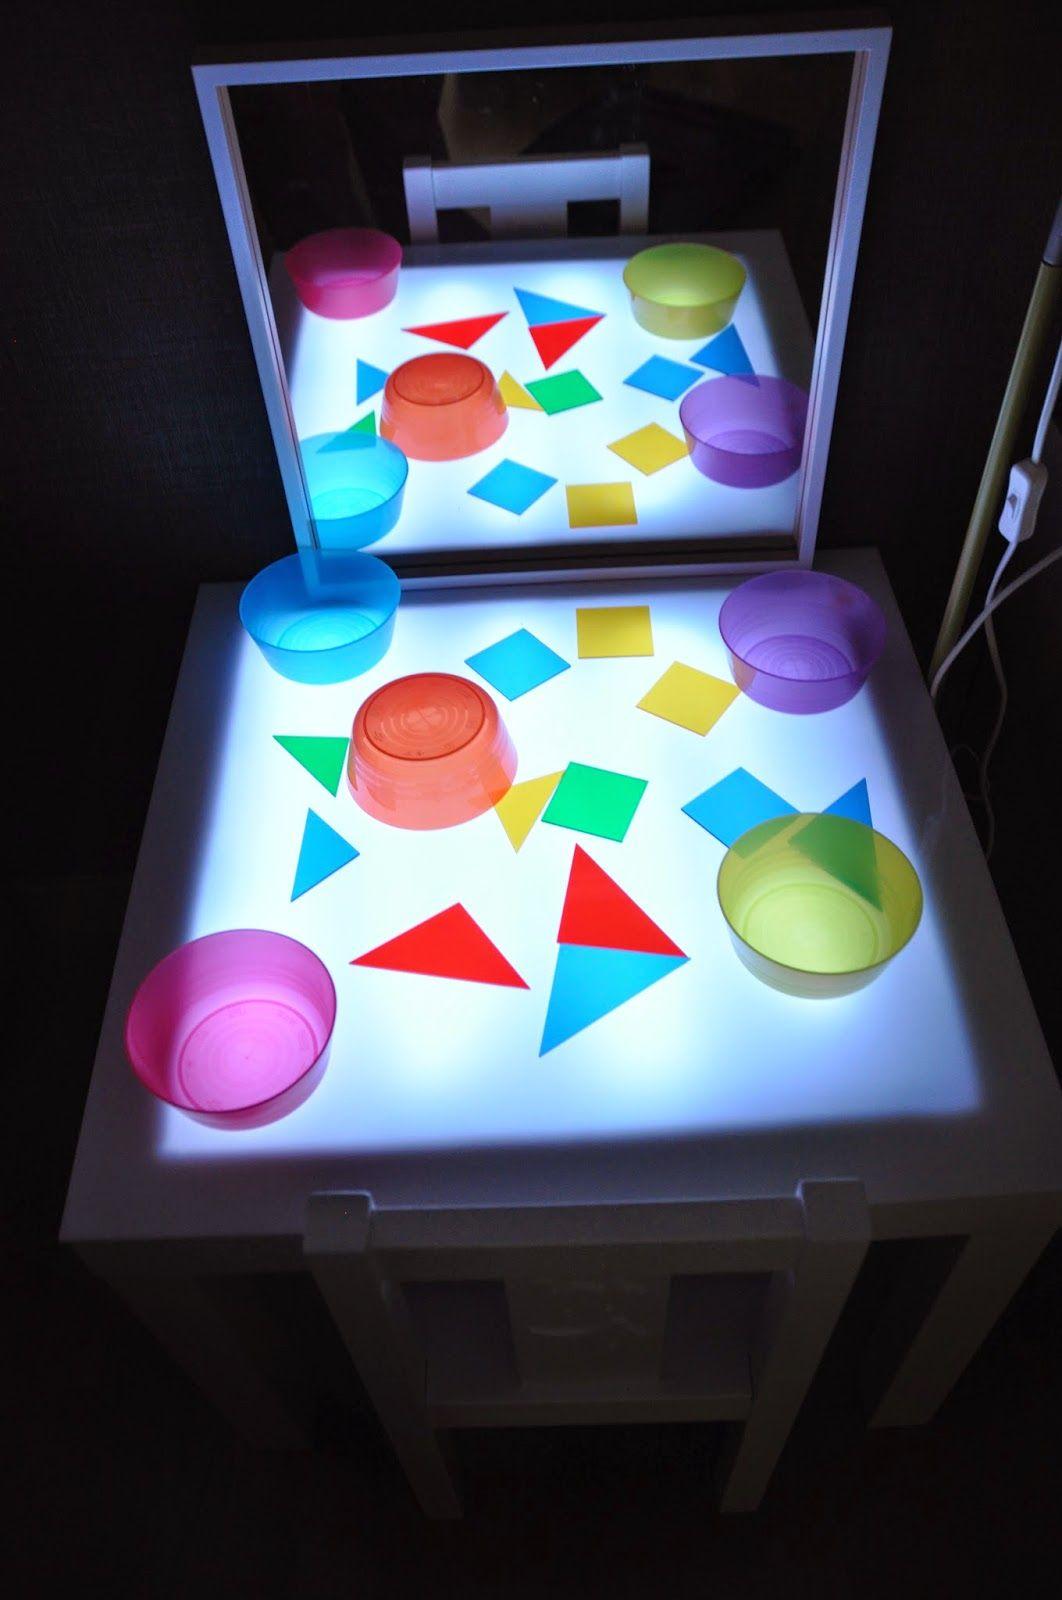 Por Fin Tenemos Terminada Nuestra Mesa De Luz Todavía Casi No Hemos Comprado Materiales Translúcidos Mesas De Luz Mesa De Luz Montessori Caja De Luz